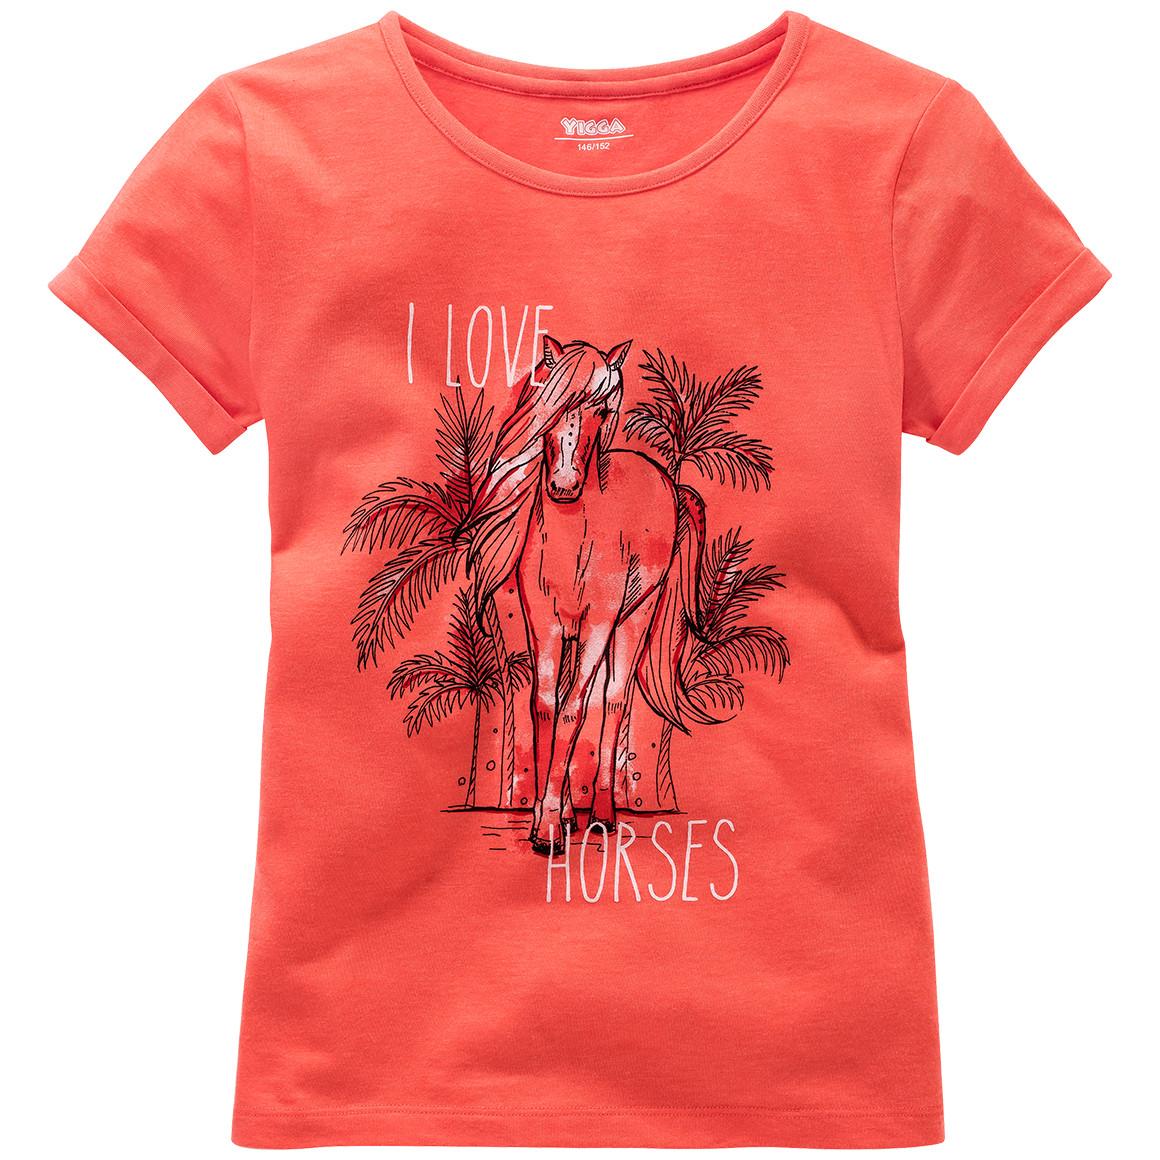 Mädchen T-Shirt mit Pferde Motiv